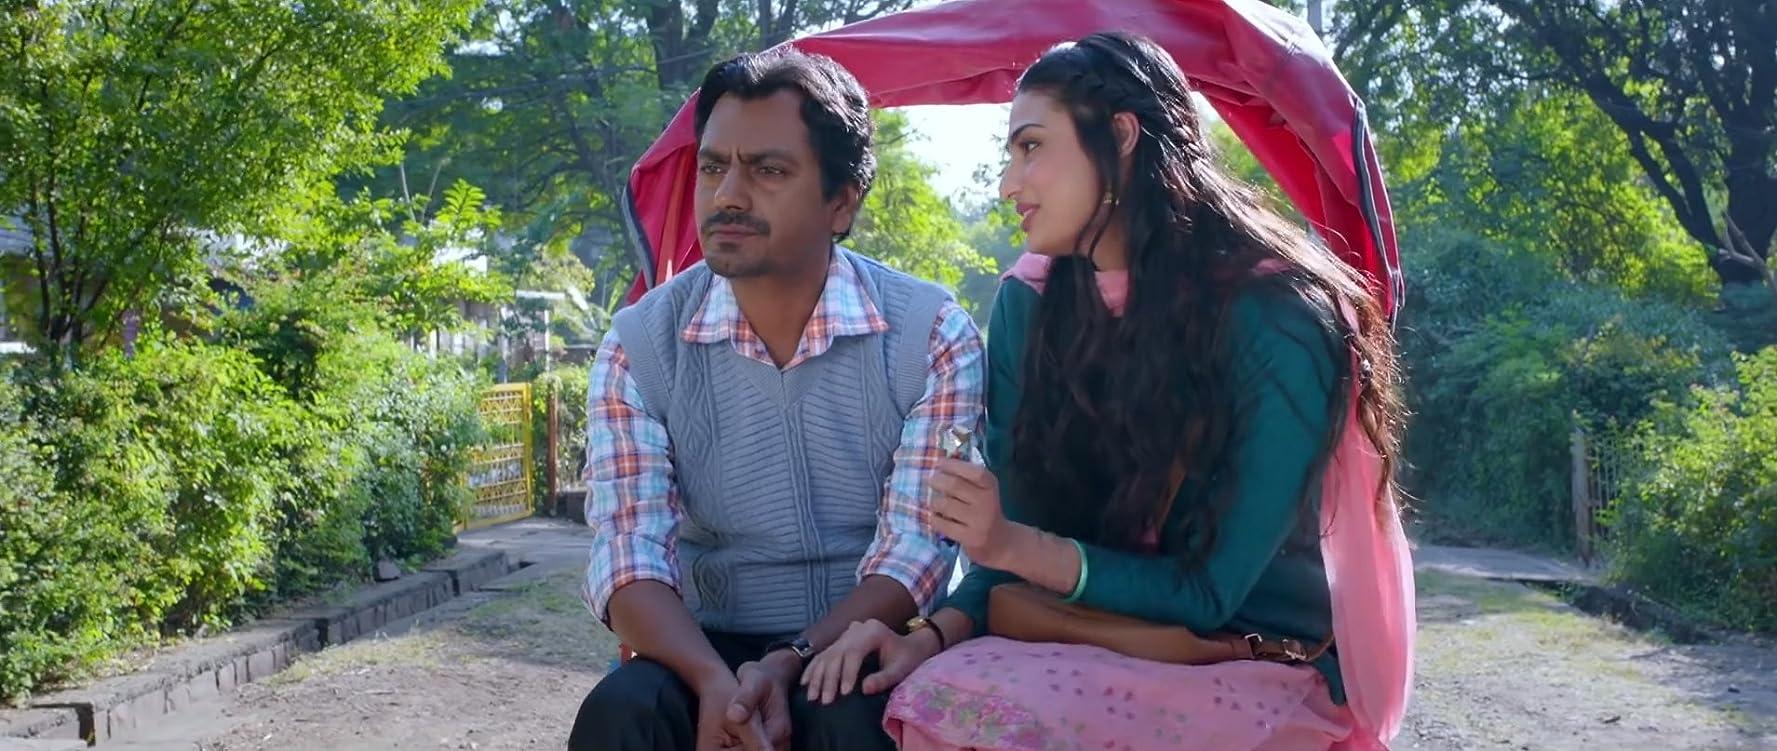 Motichoor Chaknachoor (2019) Film Indian Online Subtitrat